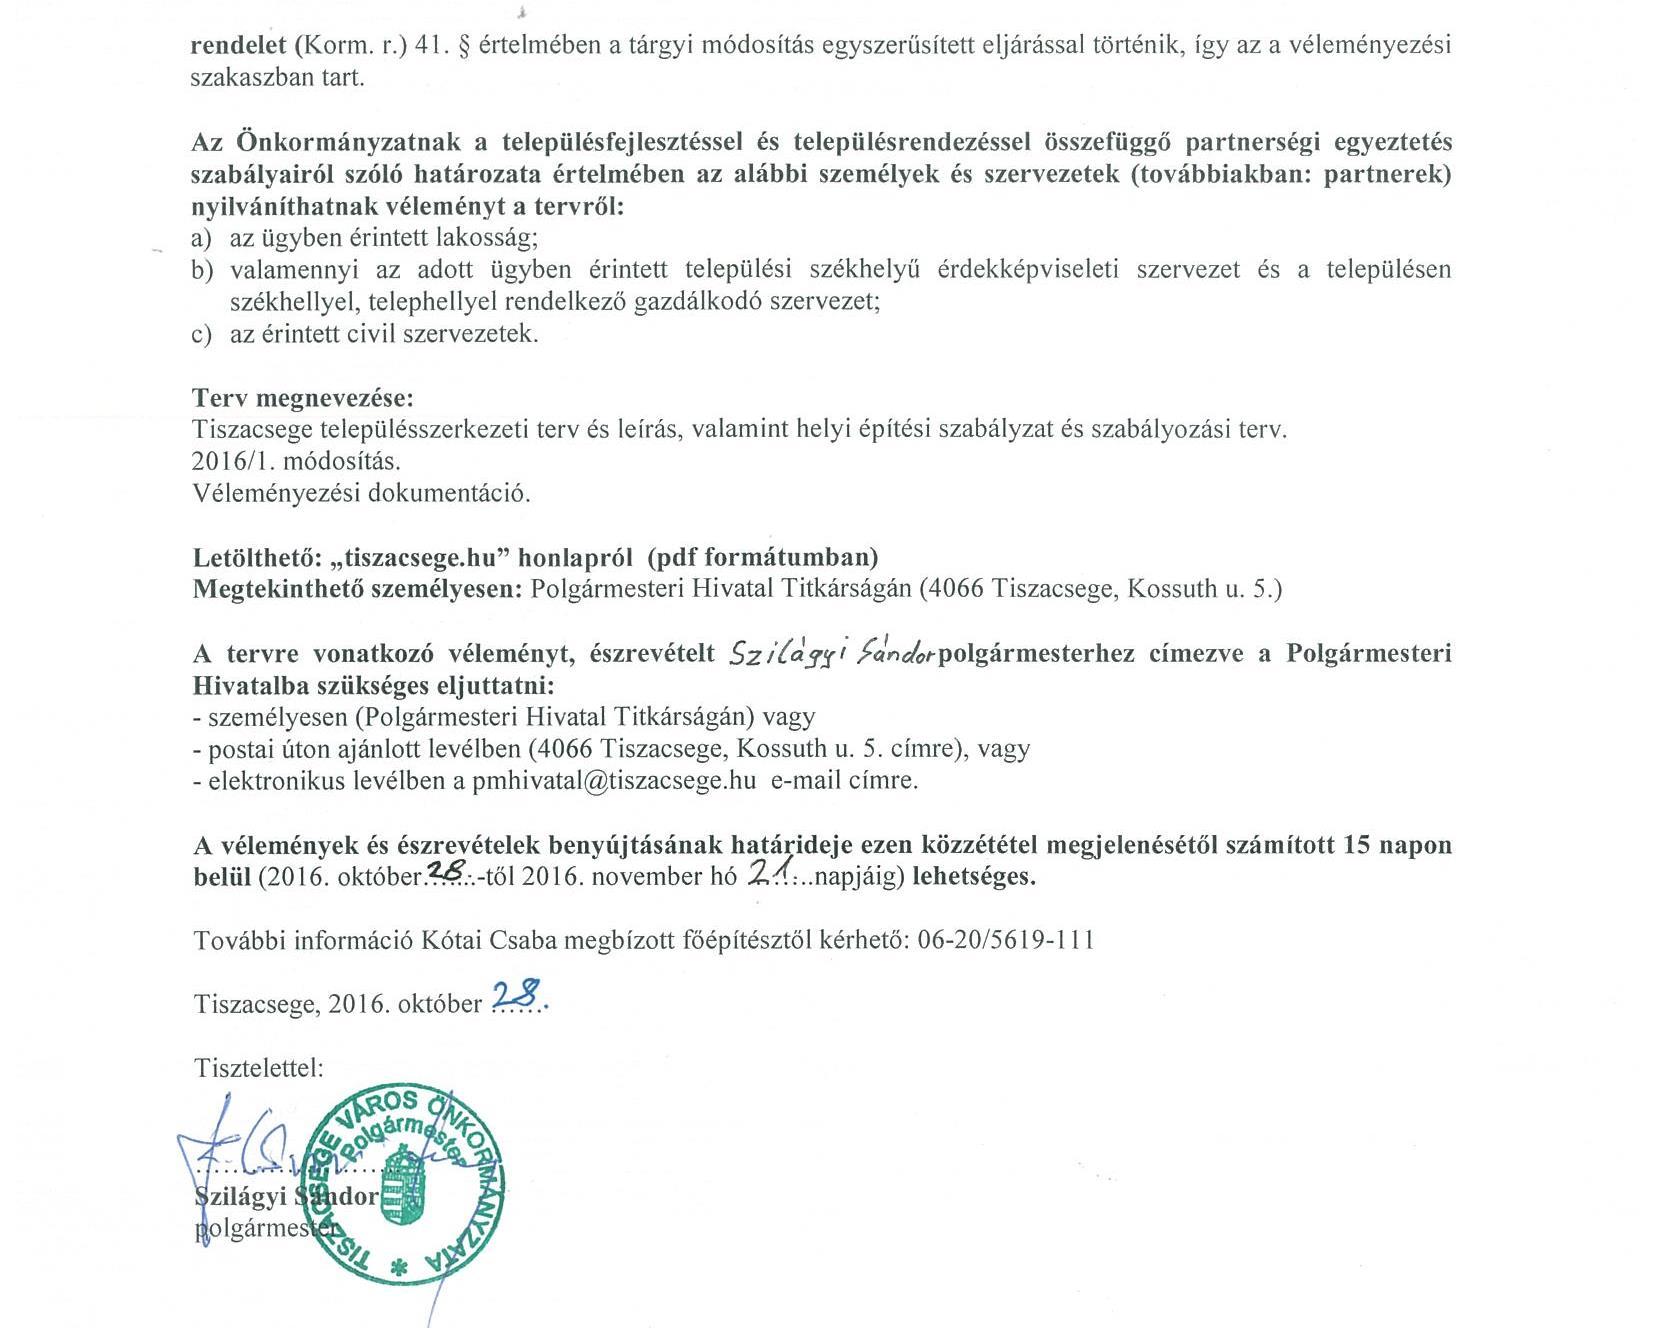 hirdetmeny_page_2